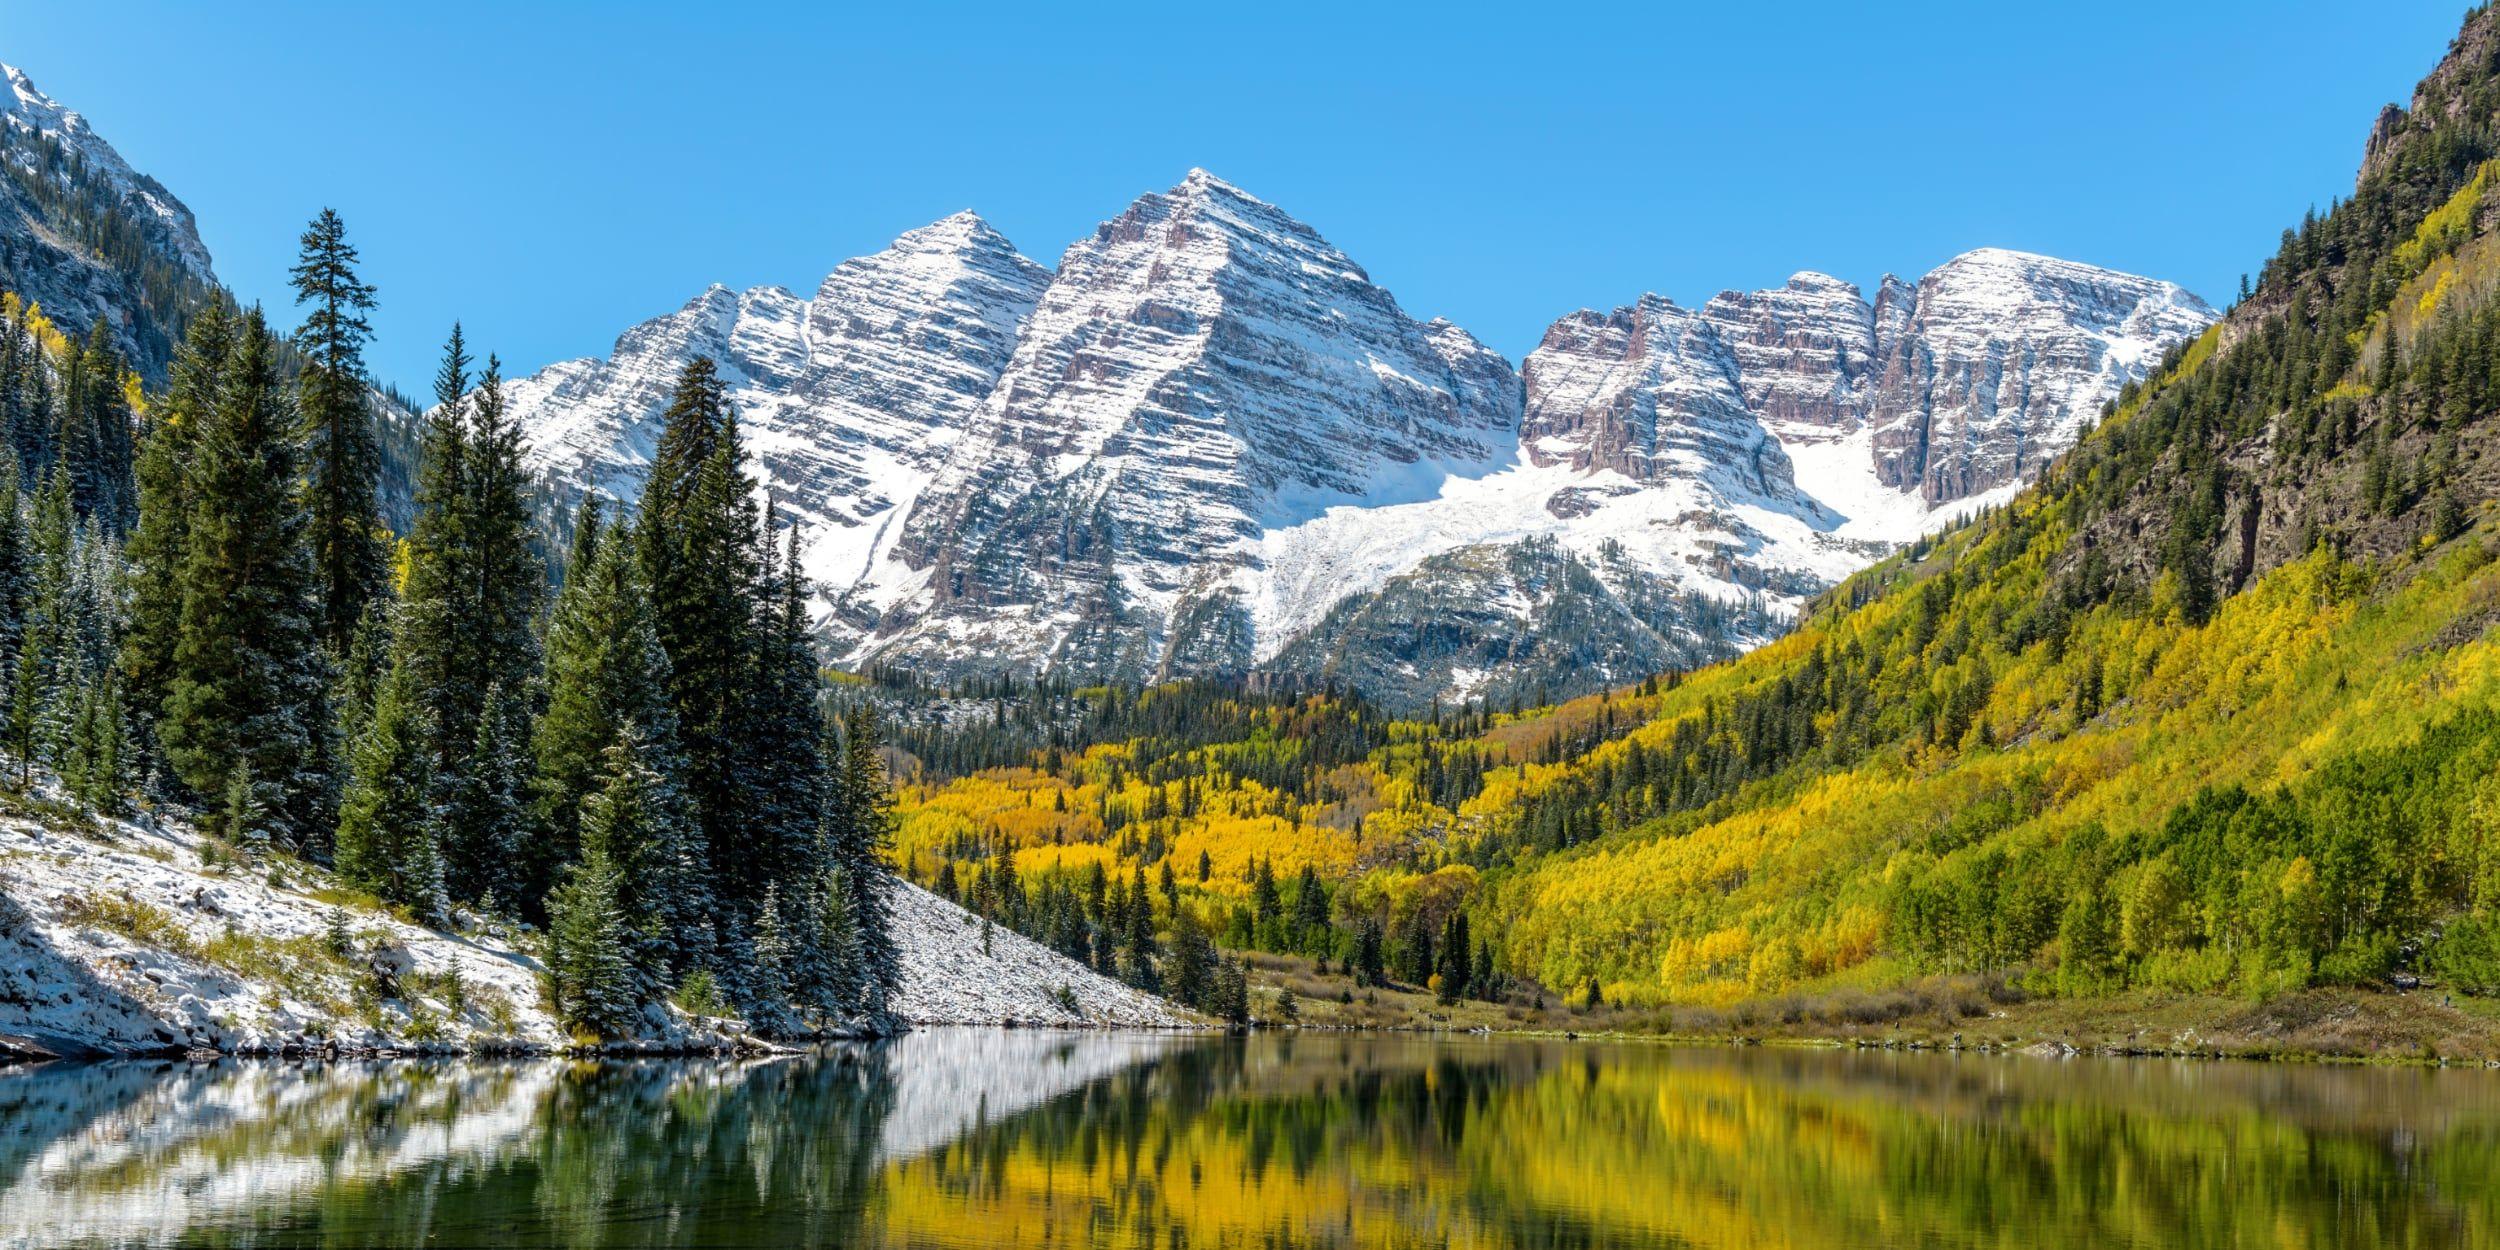 Aspen Colorado image